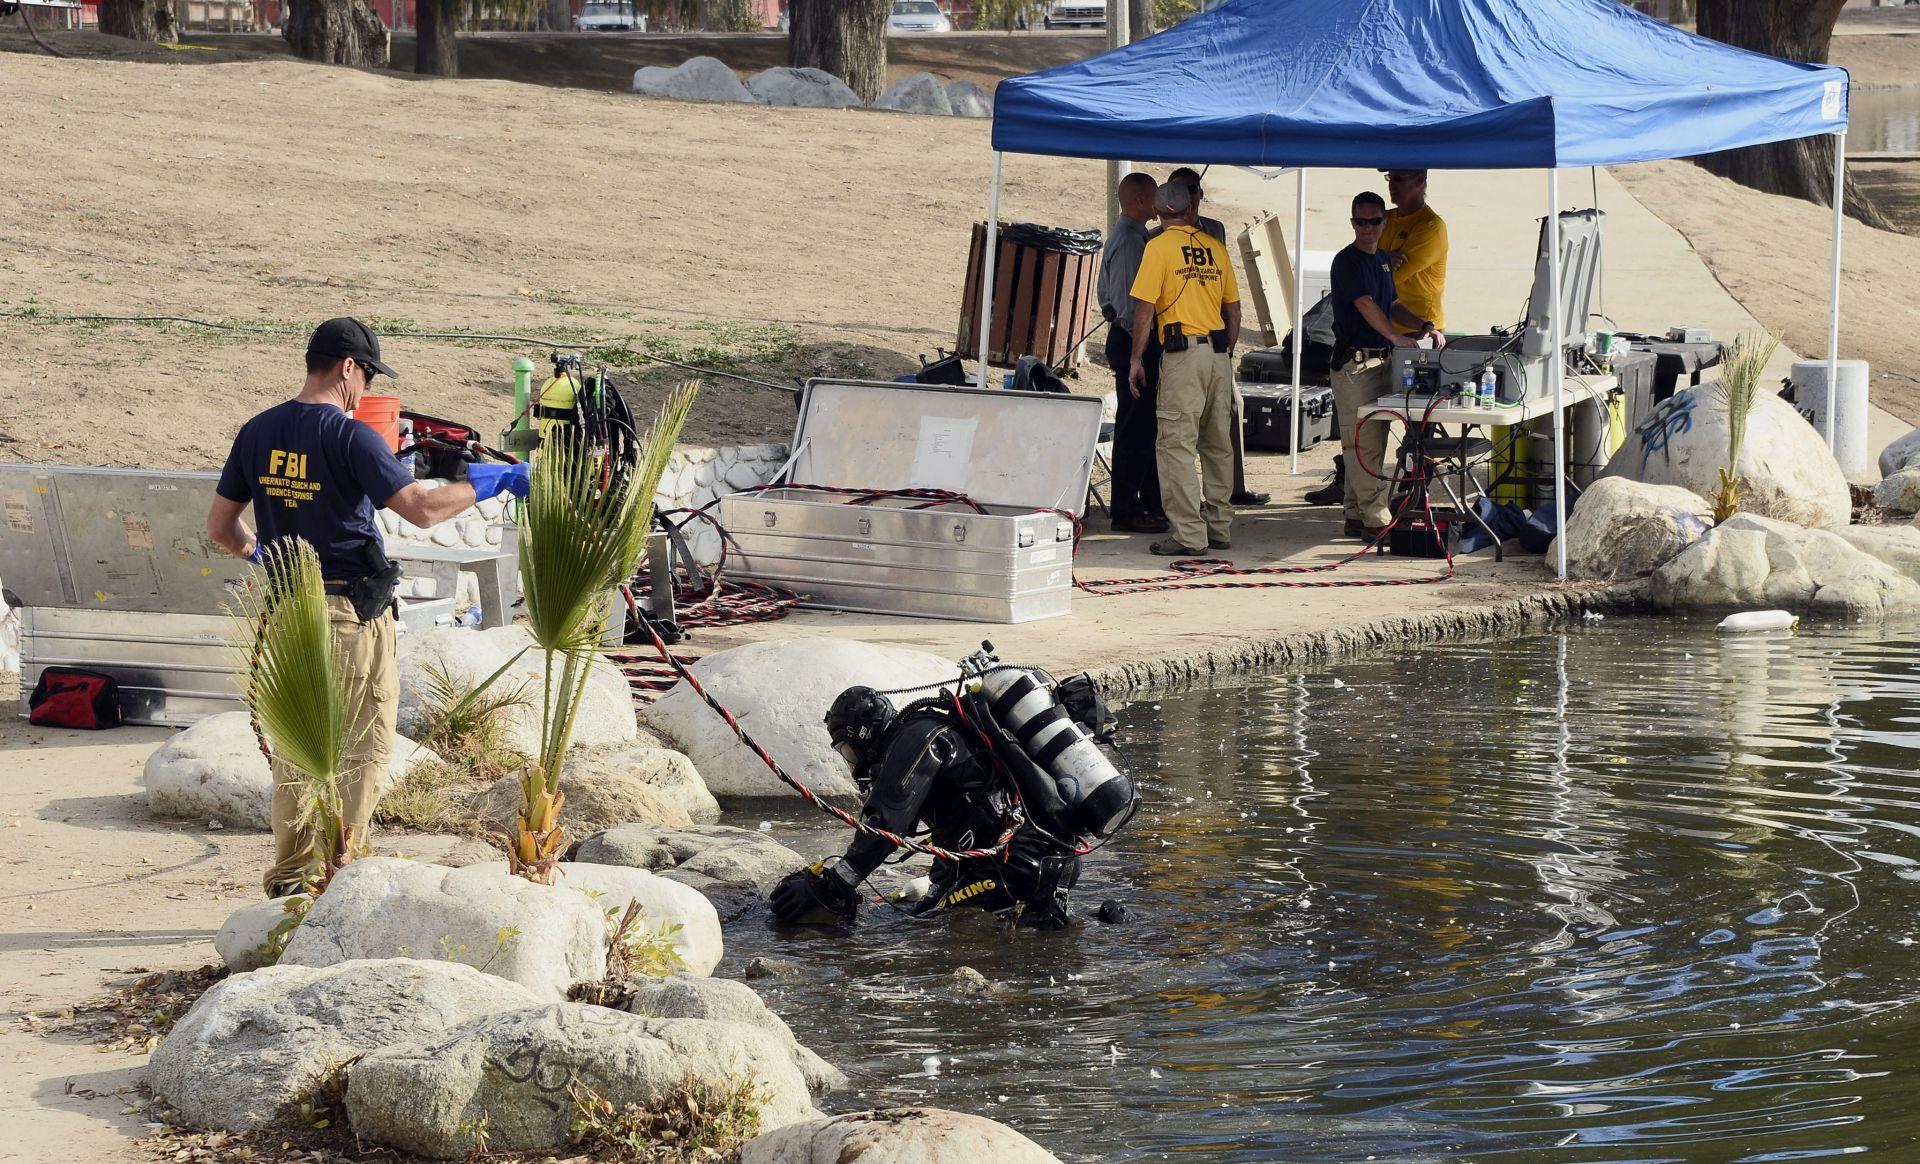 RONIOCI FBI-A U AKCIJI Pretražuje se jezero povezano s napadačima iz San Bernardina